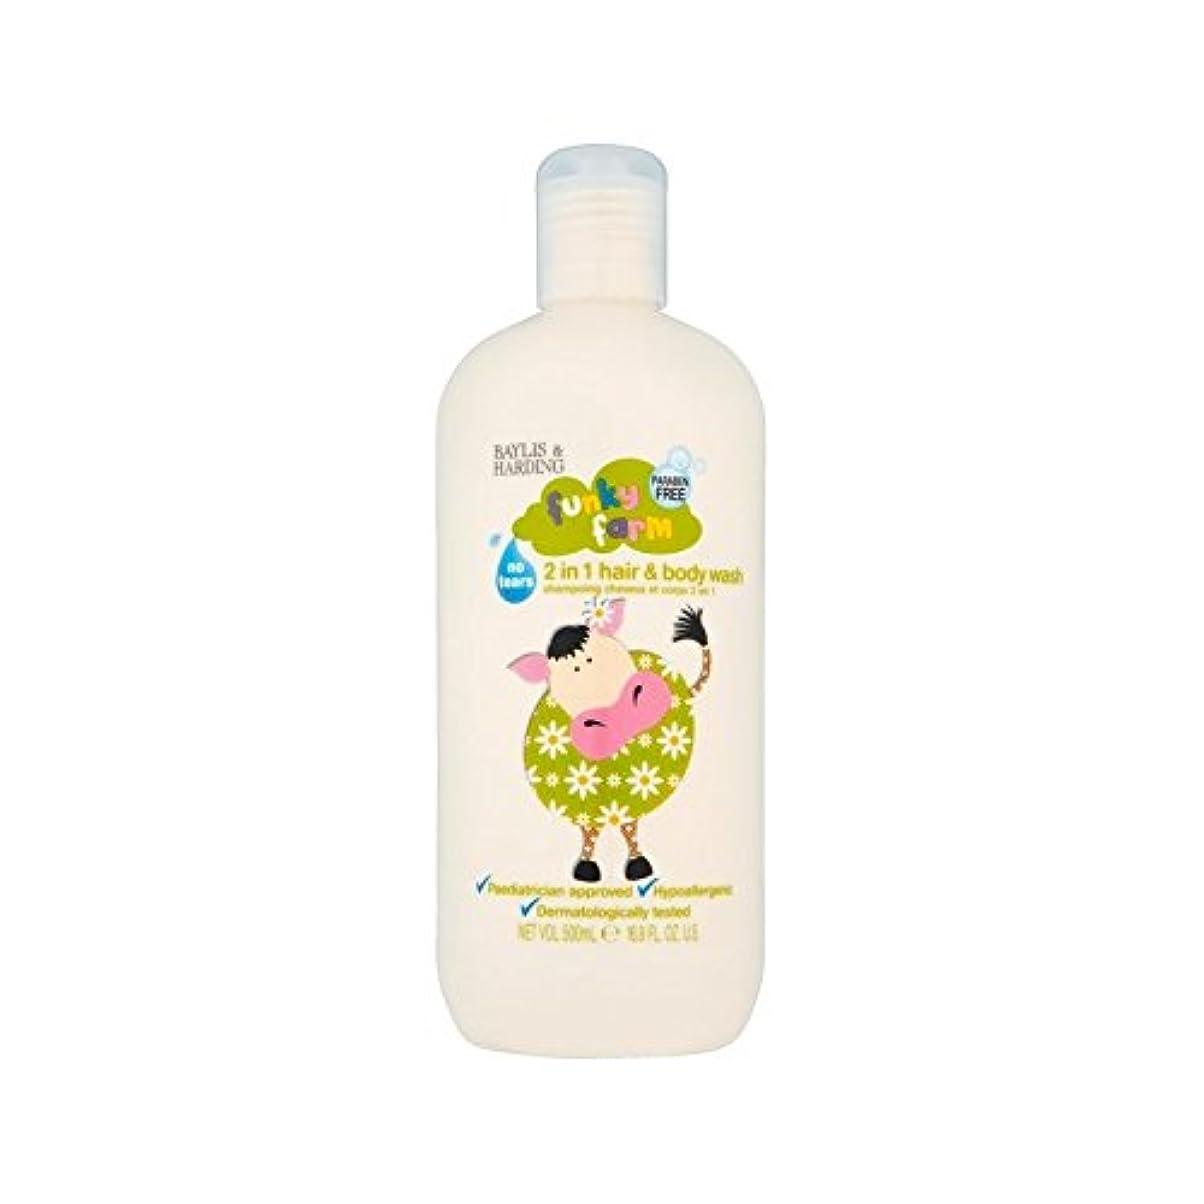 ボーナス医学レールファンキーファームのヘア&ボディウォッシュ500ミリリットル (Baylis & Harding) (x 4) - Baylis & Harding Funky Farm Hair & Body Wash 500ml (Pack of 4) [並行輸入品]